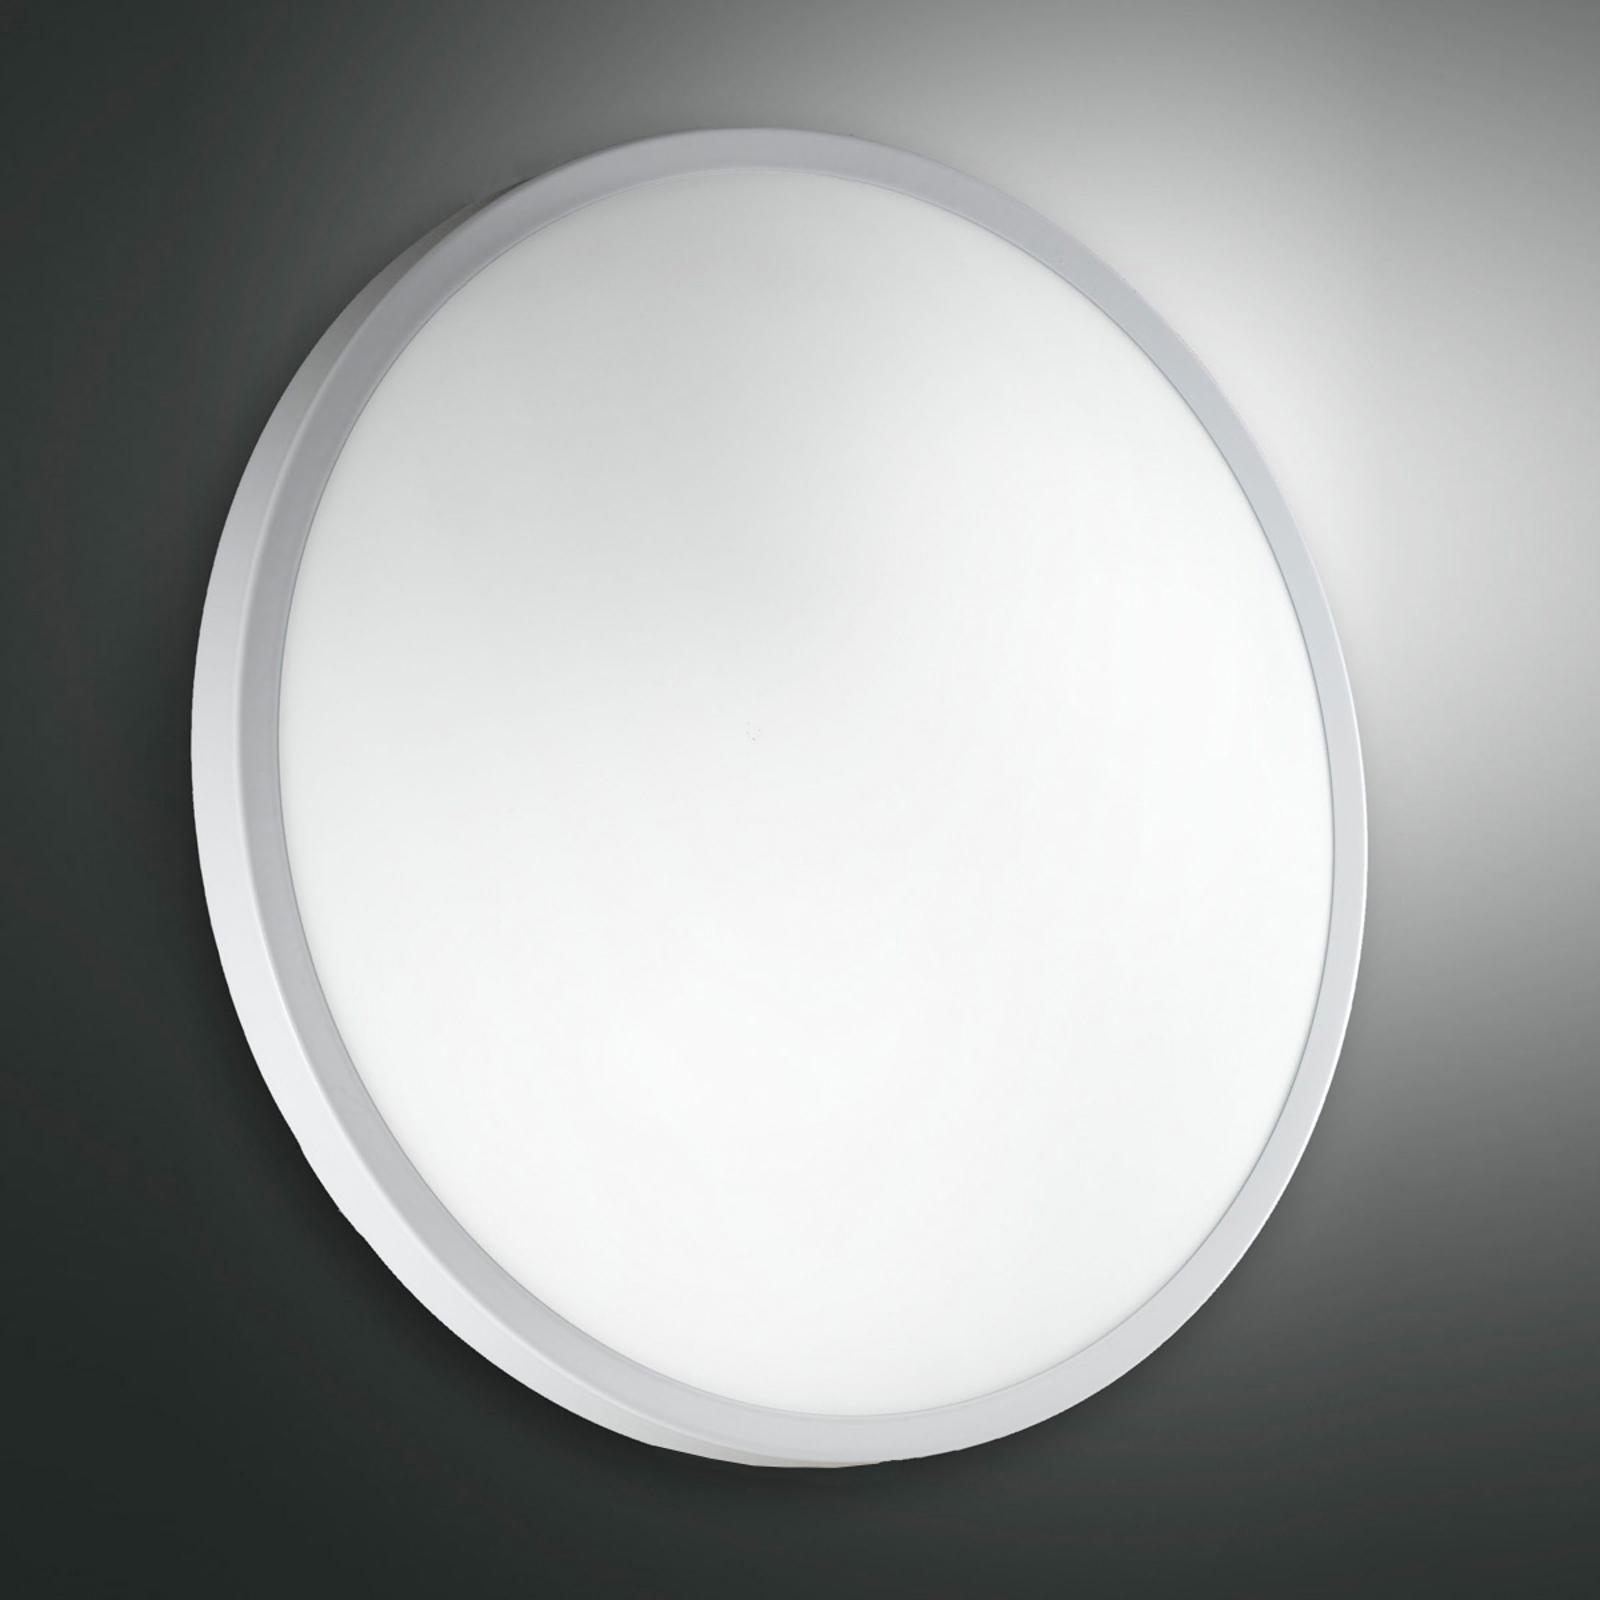 Lámpara de pared o techo PLAZA vidrio 41 cm blanca